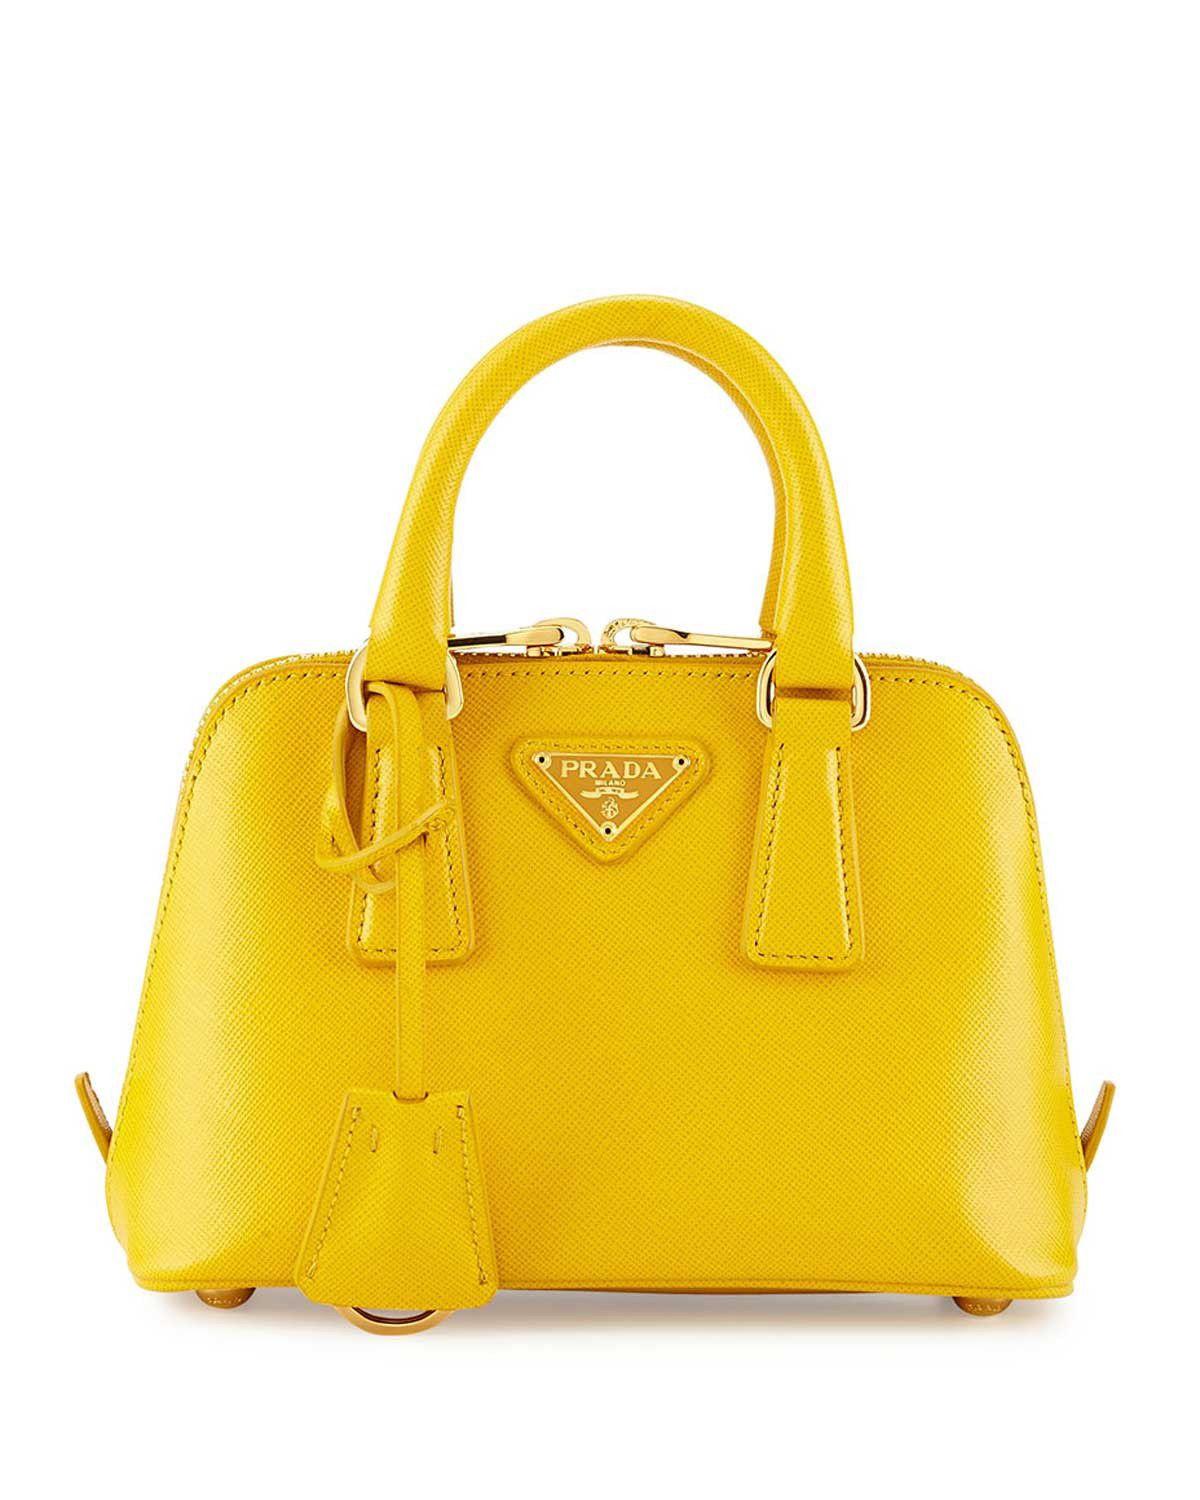 1989f8dce91 Prada Handbags | Prada bags collection | Prada bag, Prada handbags ...